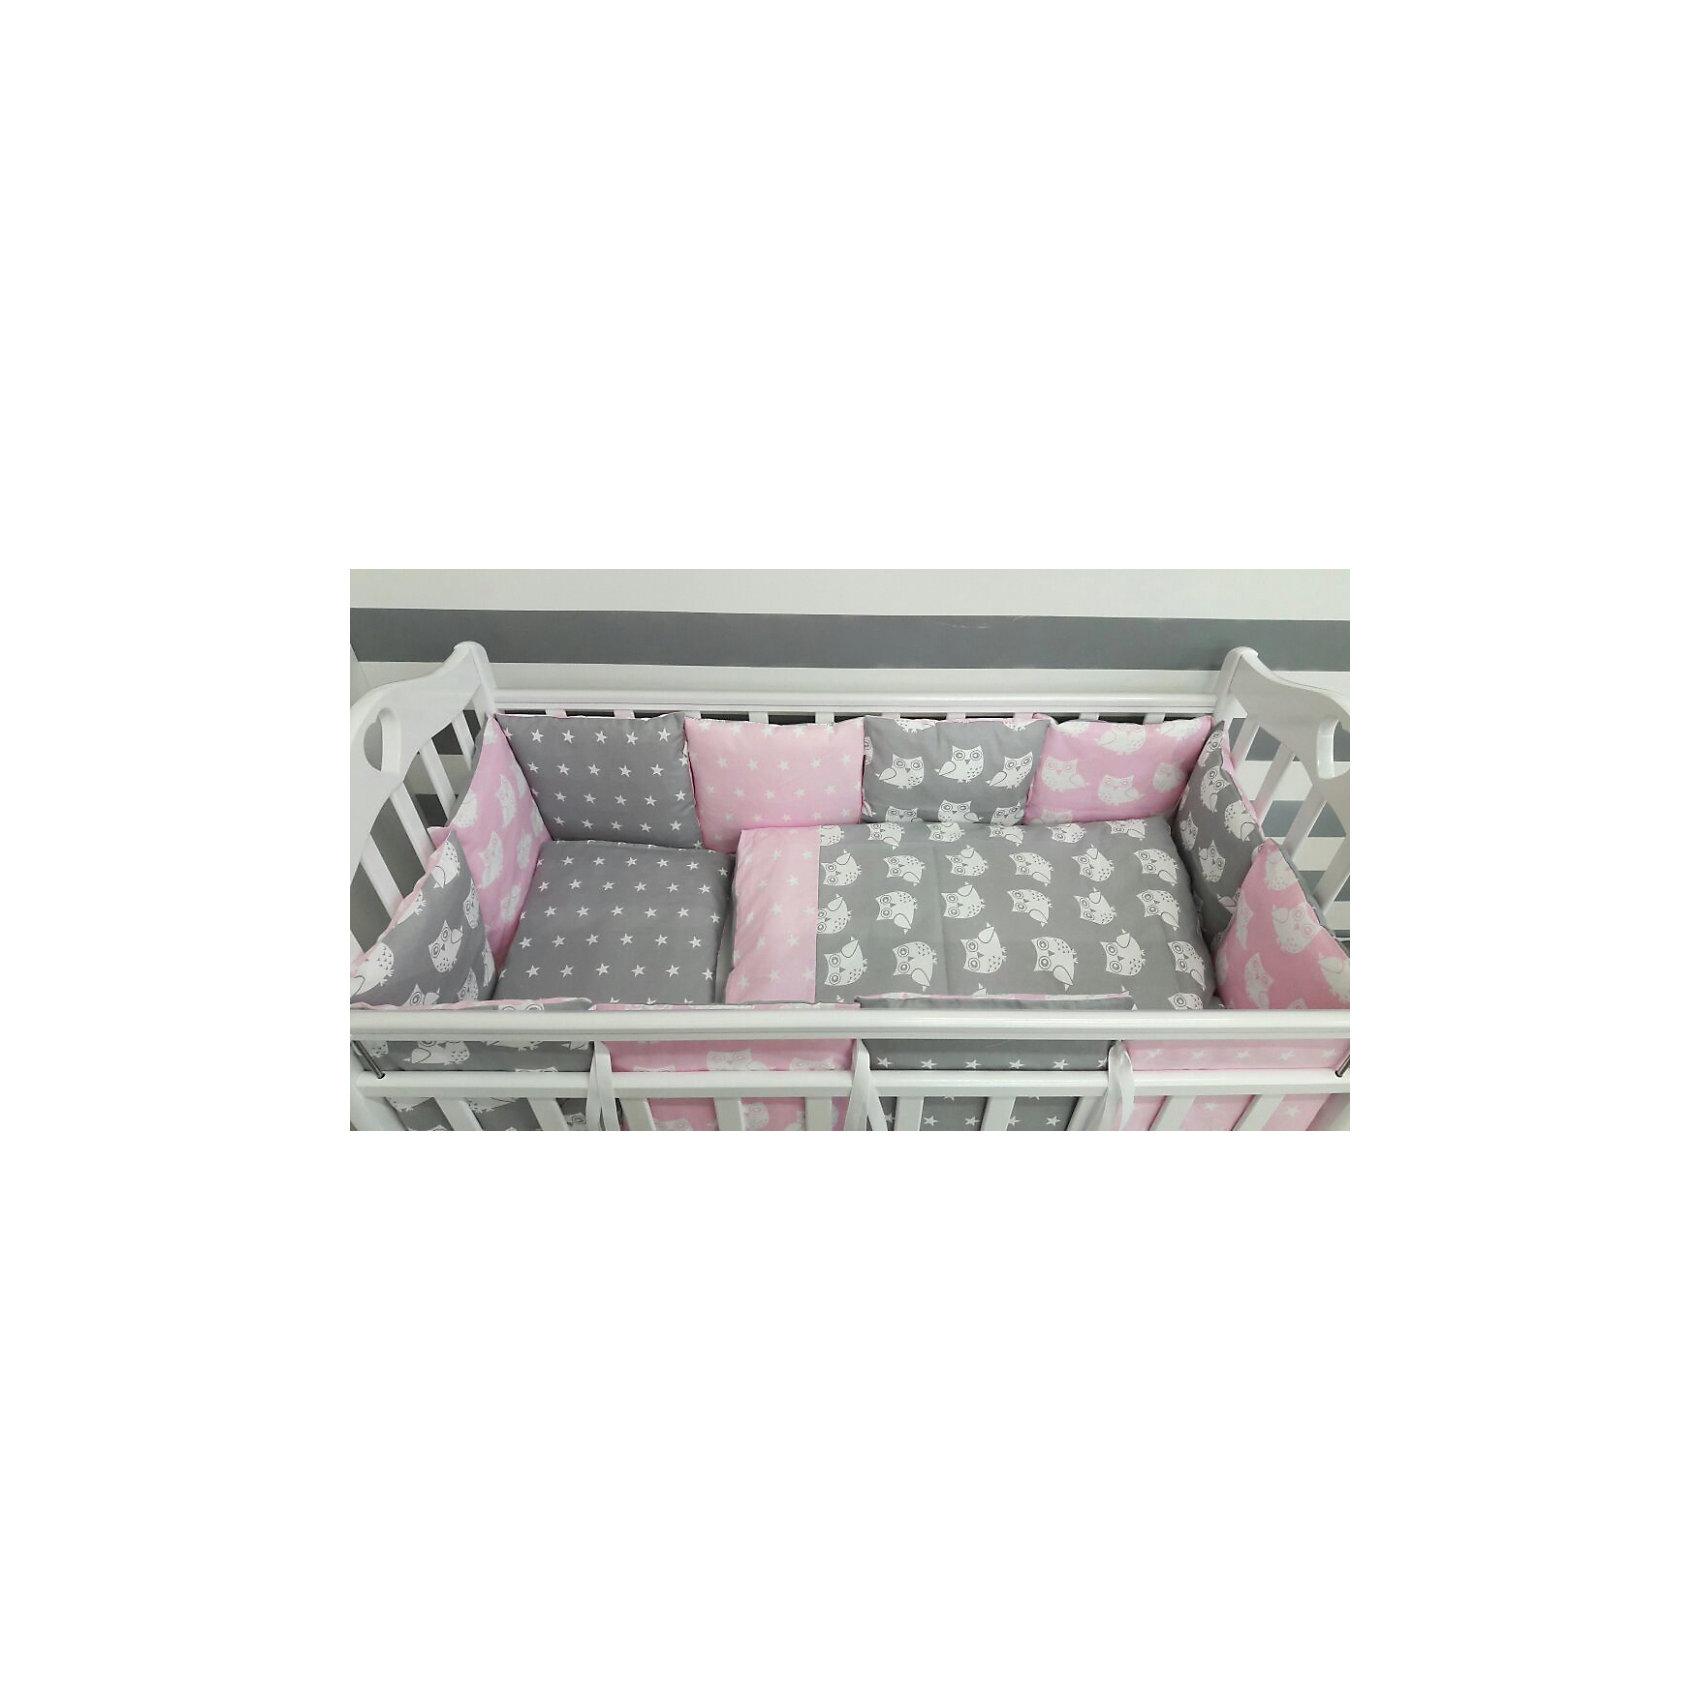 Постельное белье Совята 6 пред., by Twinz, розовыйХарактеристики:<br><br>• Вид домашнего текстиля: постельное белье<br>• Тип постельного белья по размерам: детское<br>• Пол: для девочки<br>• Материал: сатин, 100% <br>• Наполнитель одеяла и подушки: холофайбер, 100% (лебяжий пух)<br>• Цвет: белый, розовый, серый<br>• Тематика рисунка: совы, звездочки<br>• Комплектация: <br> бортики-подушки 59*44 см – 6 шт.<br> наволочки на бортики 60*45 см – 6 шт.<br> пододеяльник 105*145 см – 1 шт. <br> одеяло 100*140 см – 1 шт. <br> простынь на резинке 125*65 см – 1 шт. <br> подушка 35*45 см – 1 шт. <br> наволочка 36*46 см – 1 шт. <br>• Сособ крепления бортиков ук кроватке: завязки<br>• Съемные наволочки у бортиков на молнии <br>• Вес в упаковке: 3 кг<br>• Размеры упаковки (Д*Ш*В): 58*18*58 см<br>• Особенности ухода: машинная стирка при температуре 30 градусов без использования отбеливающих веществ<br><br>Постельное белье Совята 6 пред., by Twinz, розовый изготовлено под отечественным торговым брендом, выпускающим текстиль и мебель из натуральных материалов для новорожденных и детей. Комплект состоит из шести предметов: одеяла, подушки, пододеяльника, простыни, наволочки и комплекта бортиков. <br><br>Размер изделий подходит для деткских кроваток классических моделей размером 100*60 см и 125*65 см. Комплект выполнен из сатина, который обладает мягкостью, гигроскопичностью, гипоаллергенностью, прочностью полотна и яркостью расцветок. Тщательно выполненные внутренние швы на изделиях обеспечивают постельному белью длительный срок службы и защиту от деформации даже при частых стирках. Для одеяла, подушки и бортиков использован экологически безопасный и не вызывающий аллергии искусственное волокно – холлофайбер. <br><br>Комплект бортиков состоит из 6-ти подушек с наволочками на молниях. Подушки фиксируются к кроватке с помощью завязок. Простынь за счет резинок хорошо фиксируется на матрасике, что препятствует ее сползанию и сбиванию даже во время беспокойного сна. Постельное белье выполн